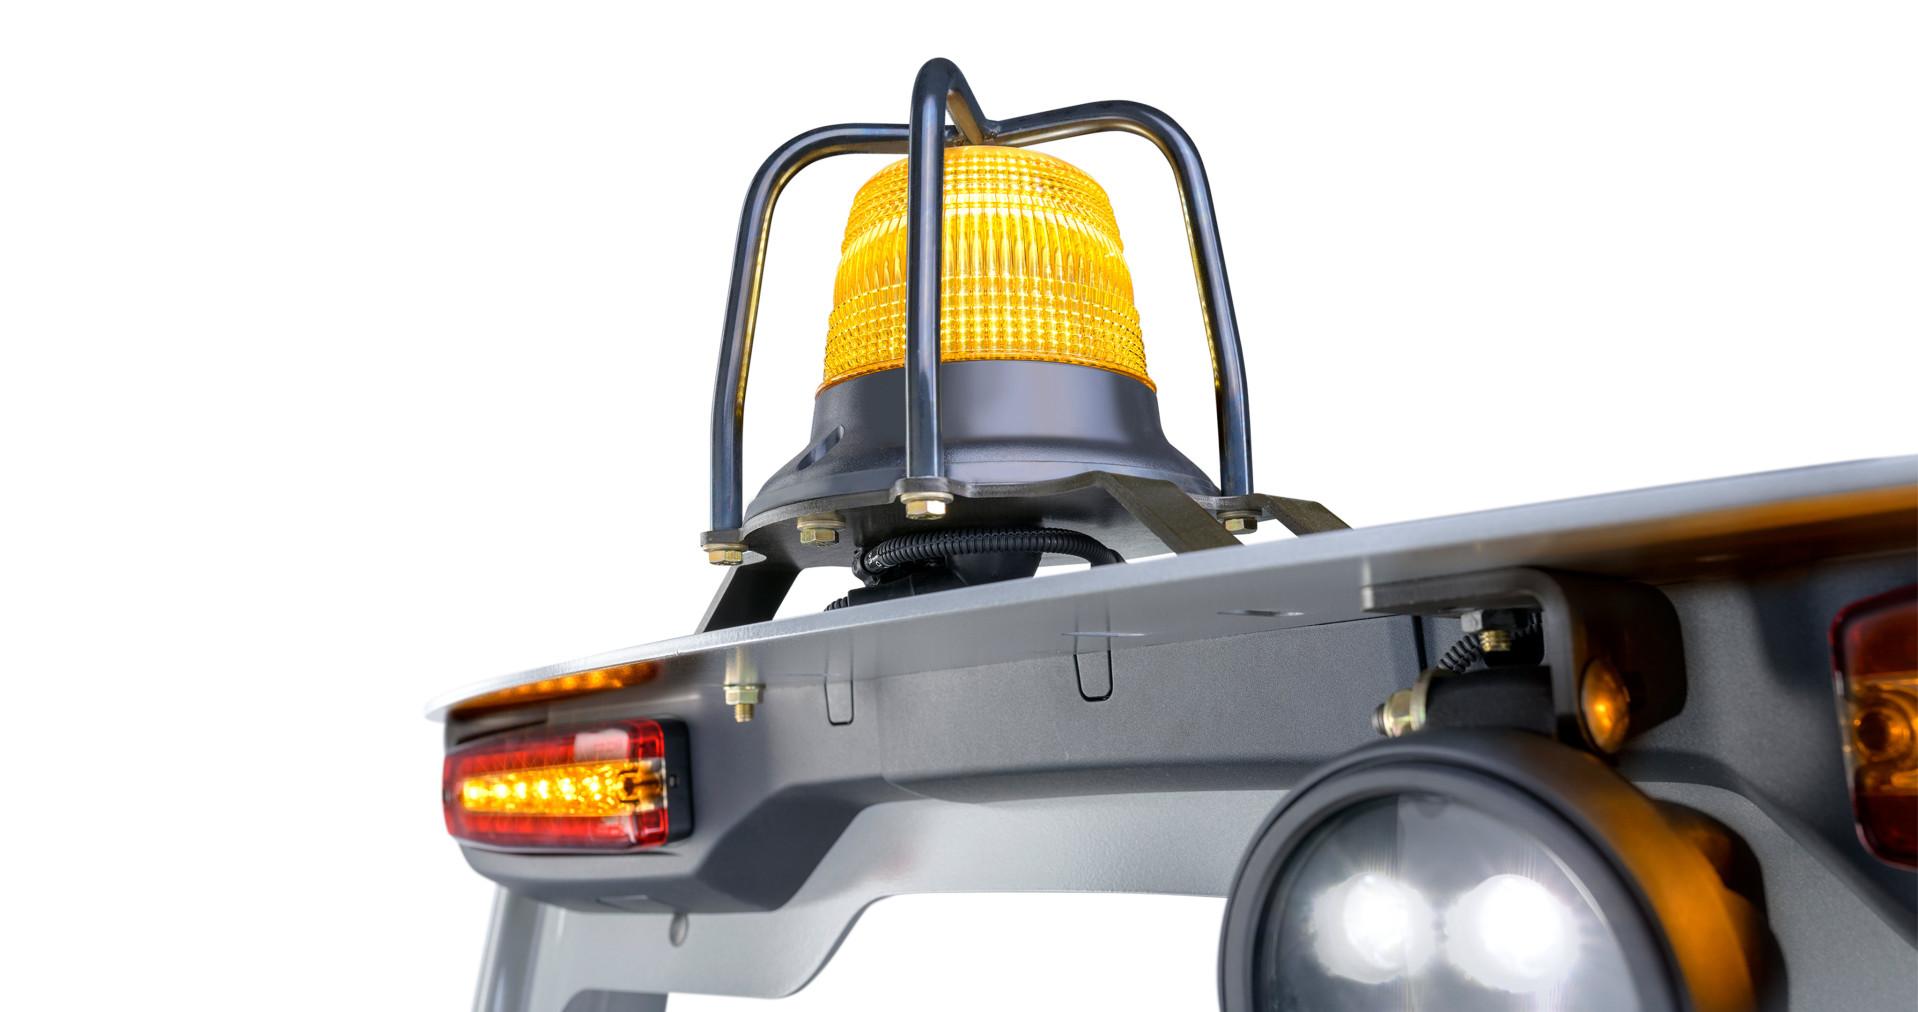 Avertisseur lumineux arrière, feu jaune clignotant d'avertissement de sécurité